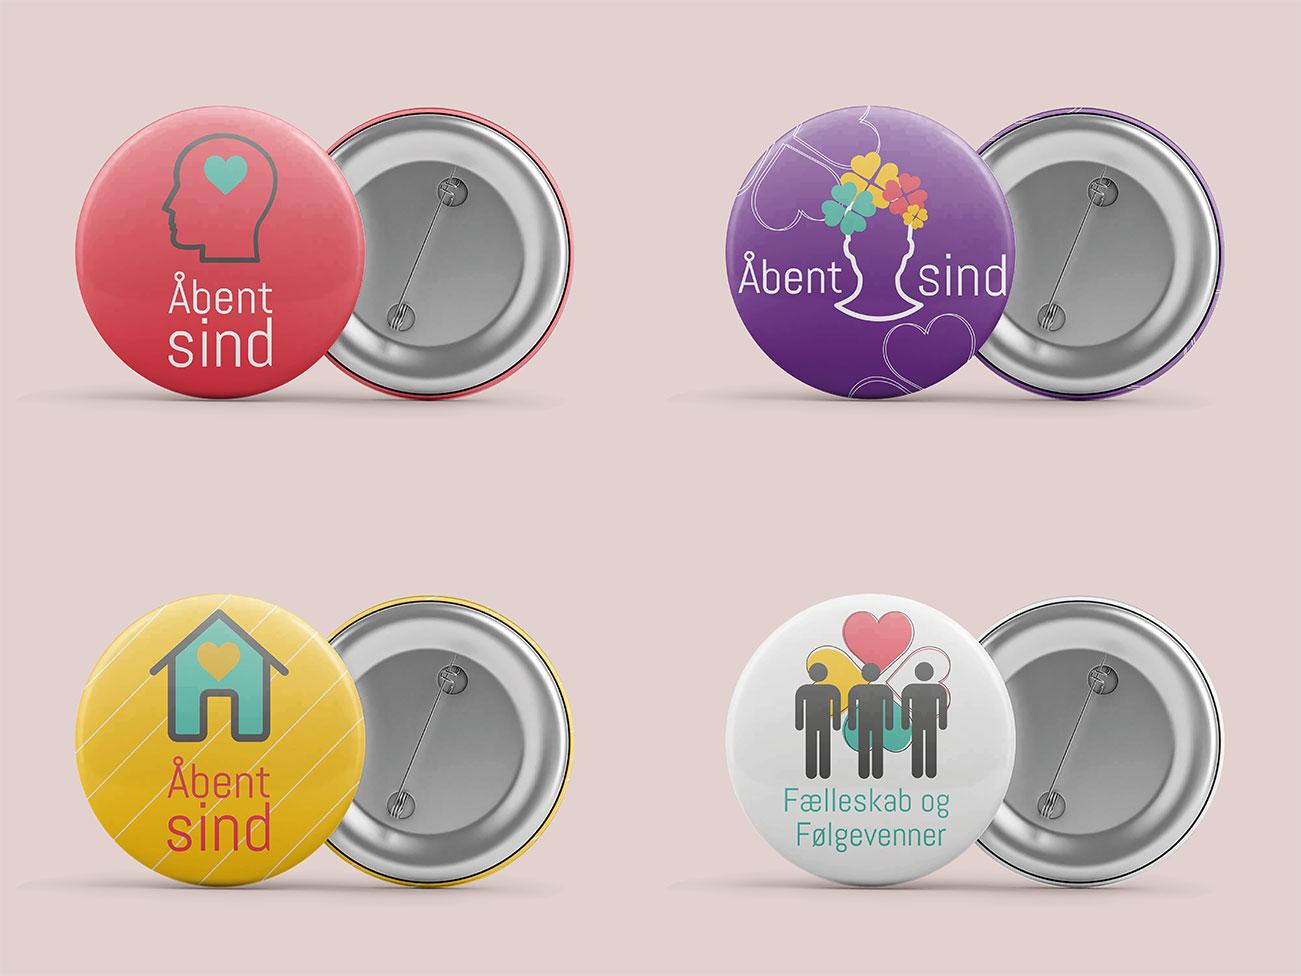 abent-sind-badges-application